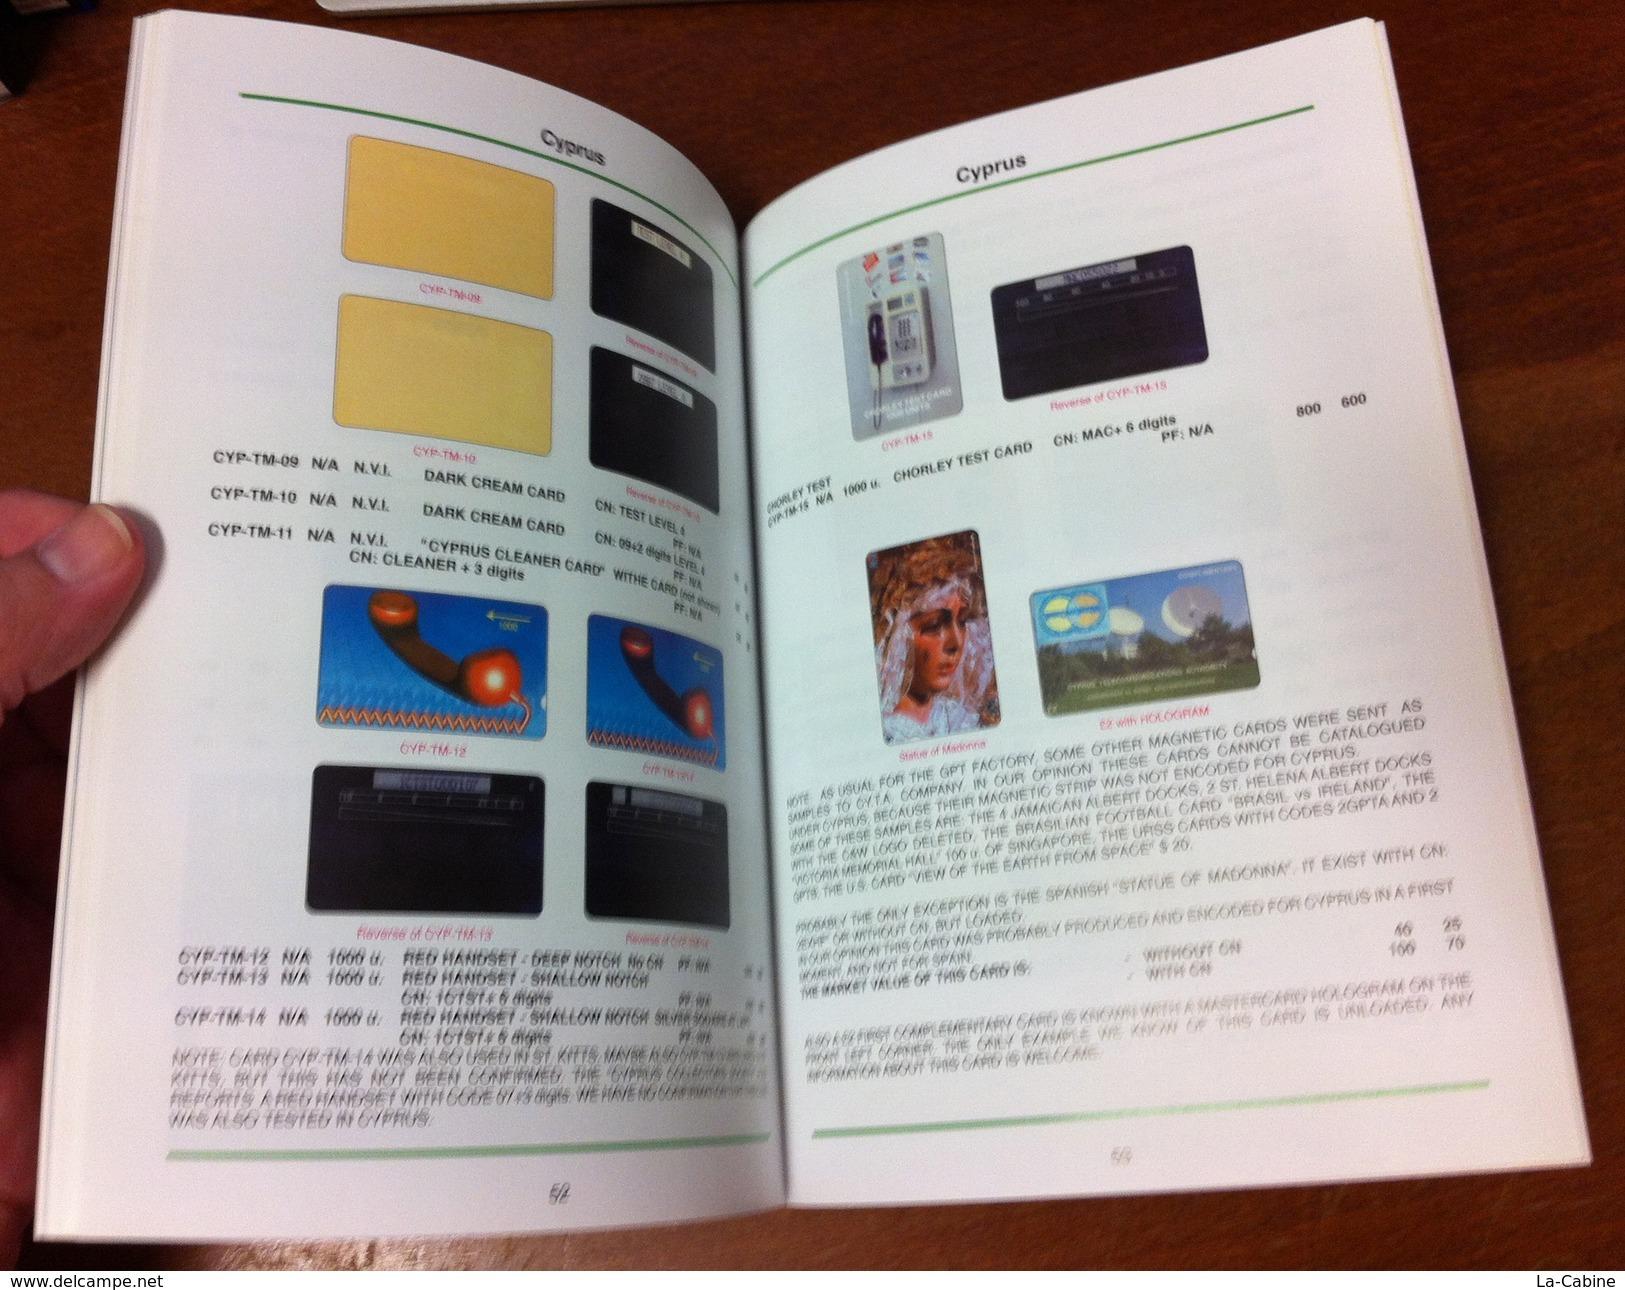 TELECARTE PHONECARD CATALOGUE CHYPRE CYPRUS & NORTH CYPRUS DE 2005 BON ÉTAT 64 PAGES CARD - Télécartes